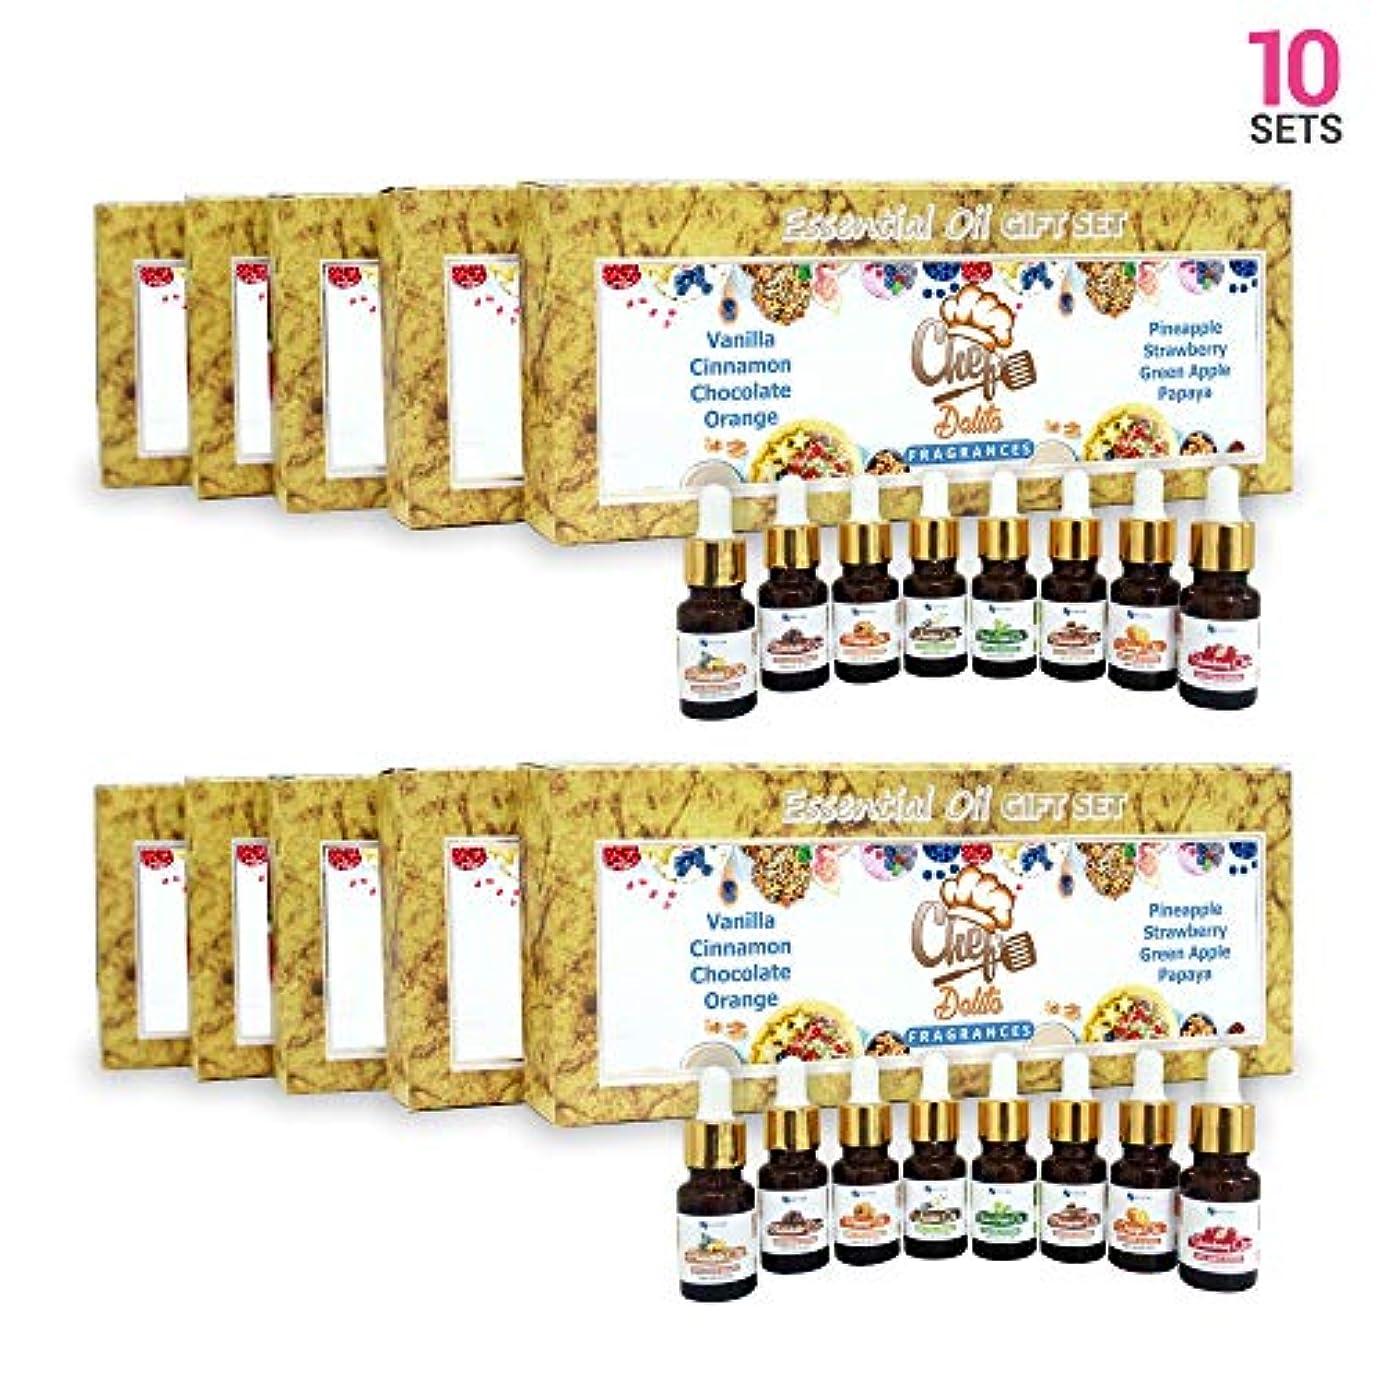 パンアカデミー睡眠Aromatherapy Fragrance Oils (Set of 10) - 100% Natural Therapeutic Essential Oils, 10ml each (Vanilla, Cinnamon...